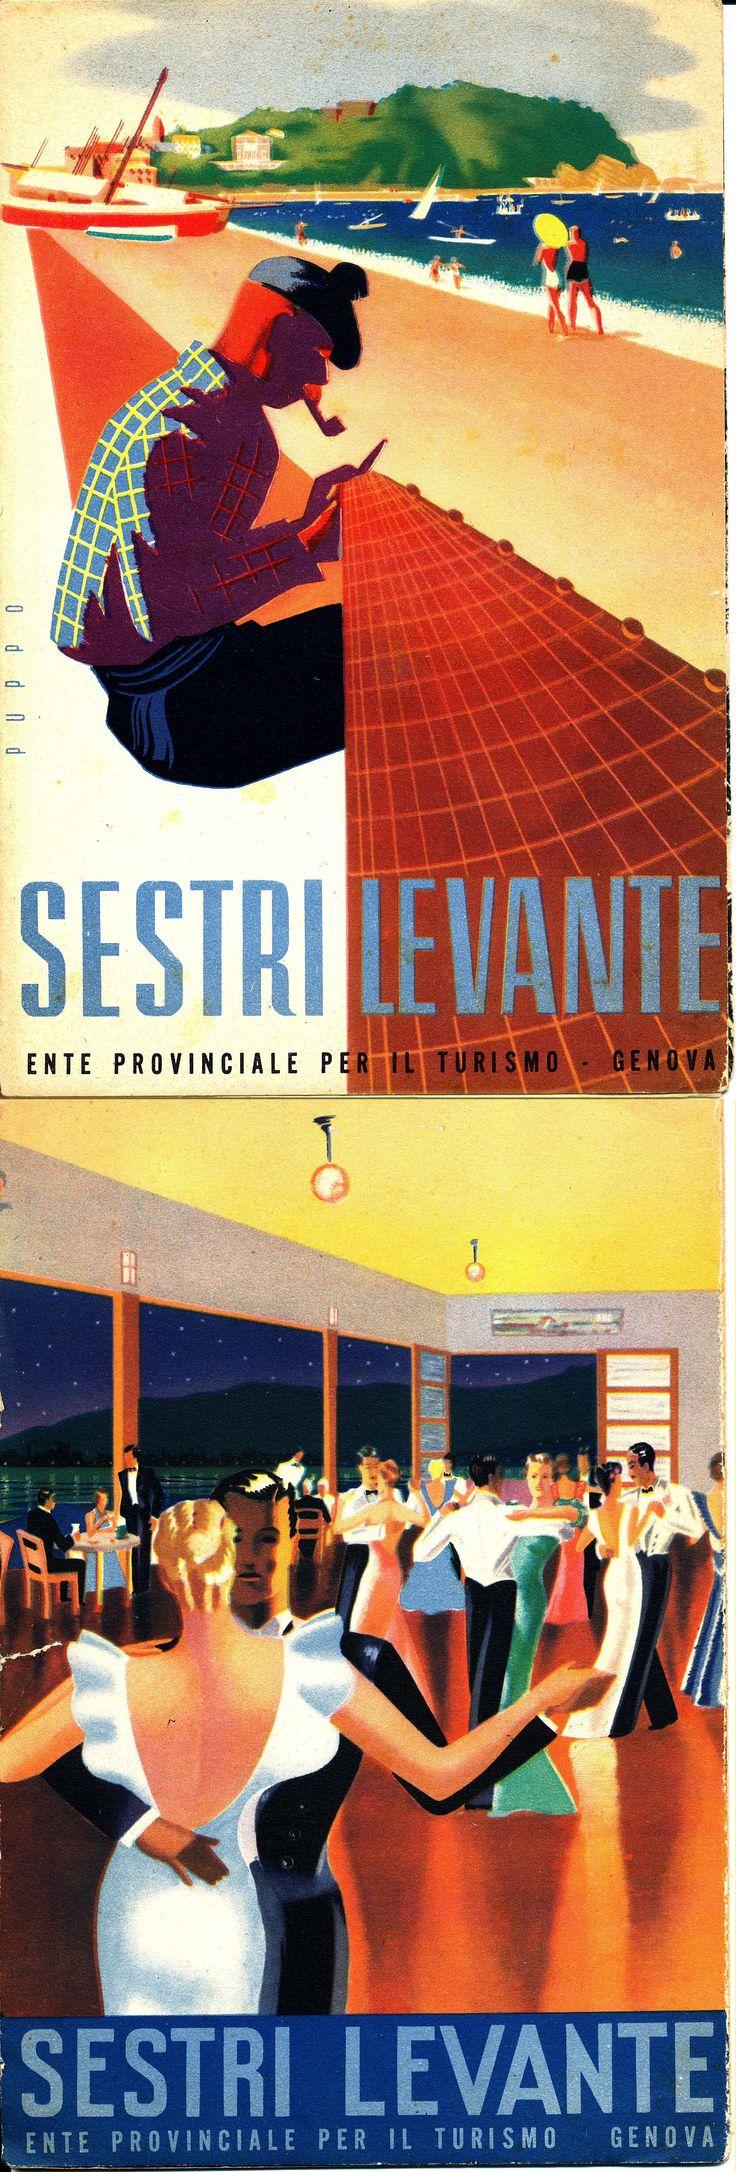 Volantino promozionale di Sestri Levante prodotto dall'Ente Provinciale per il Turismo di Genova (1940)